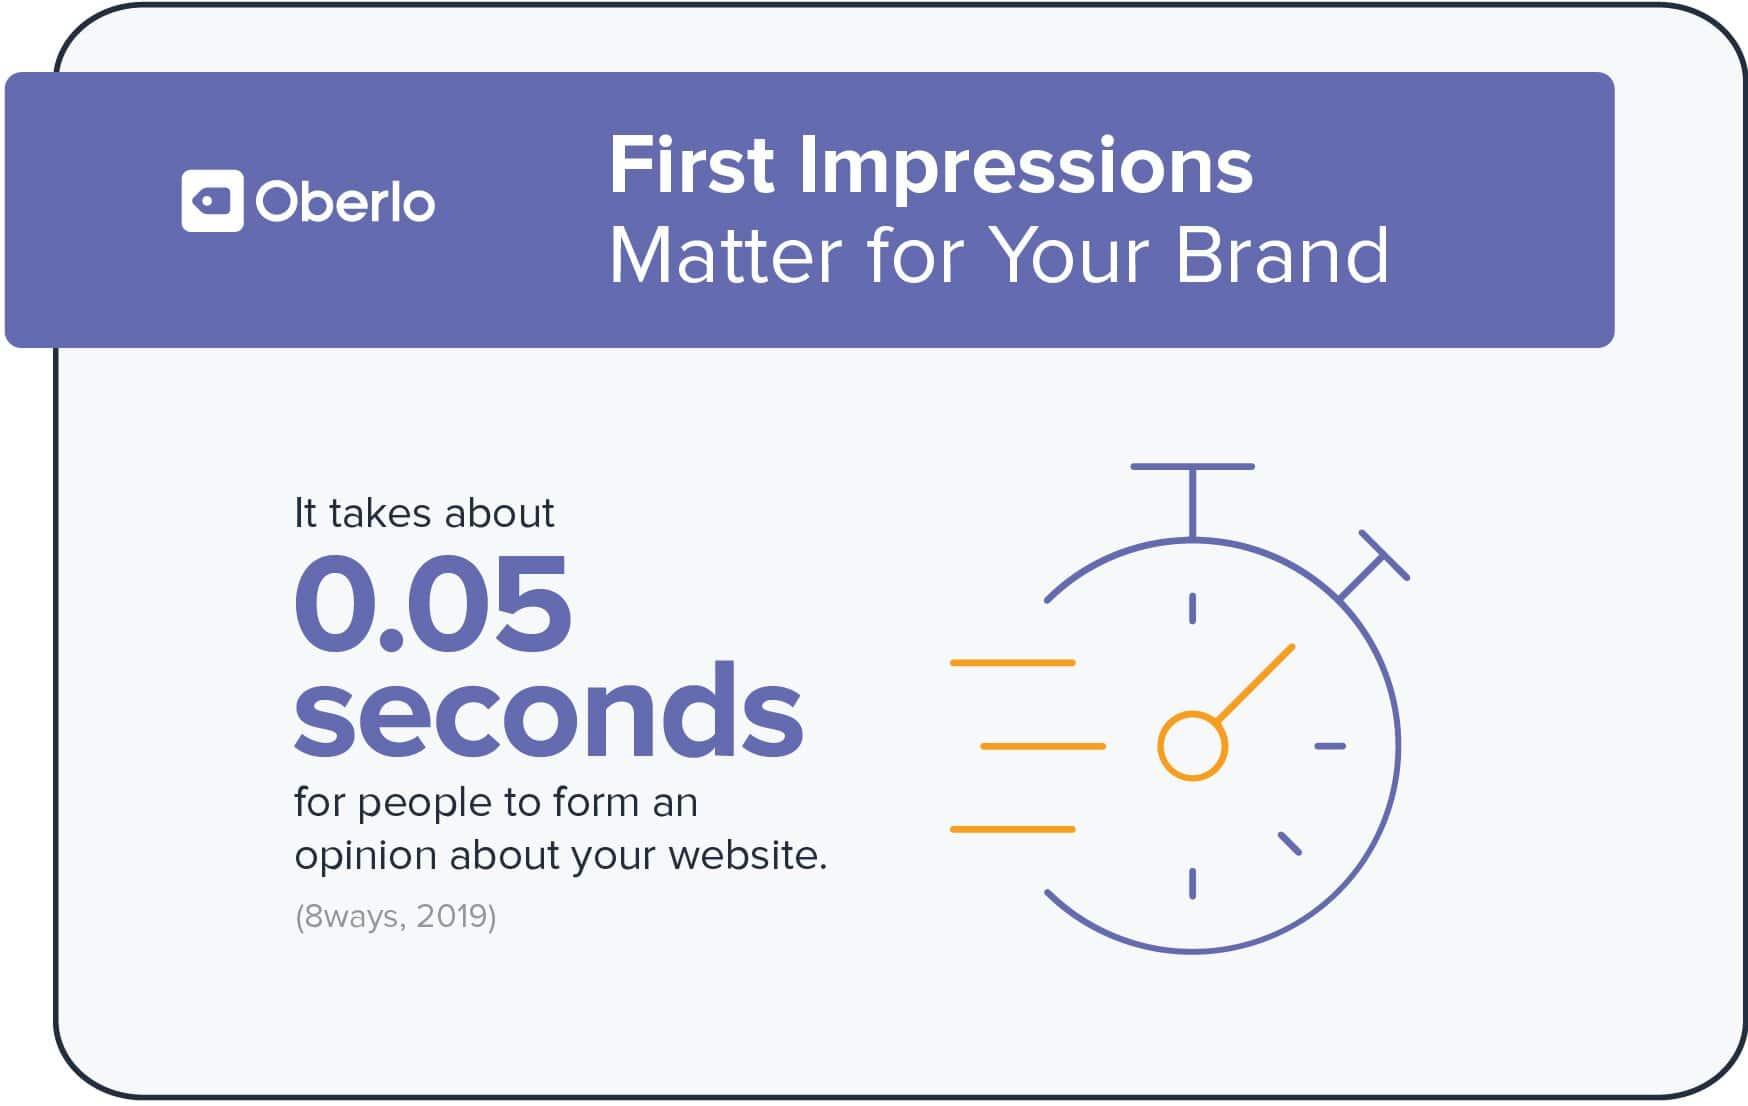 oberlo infographic example